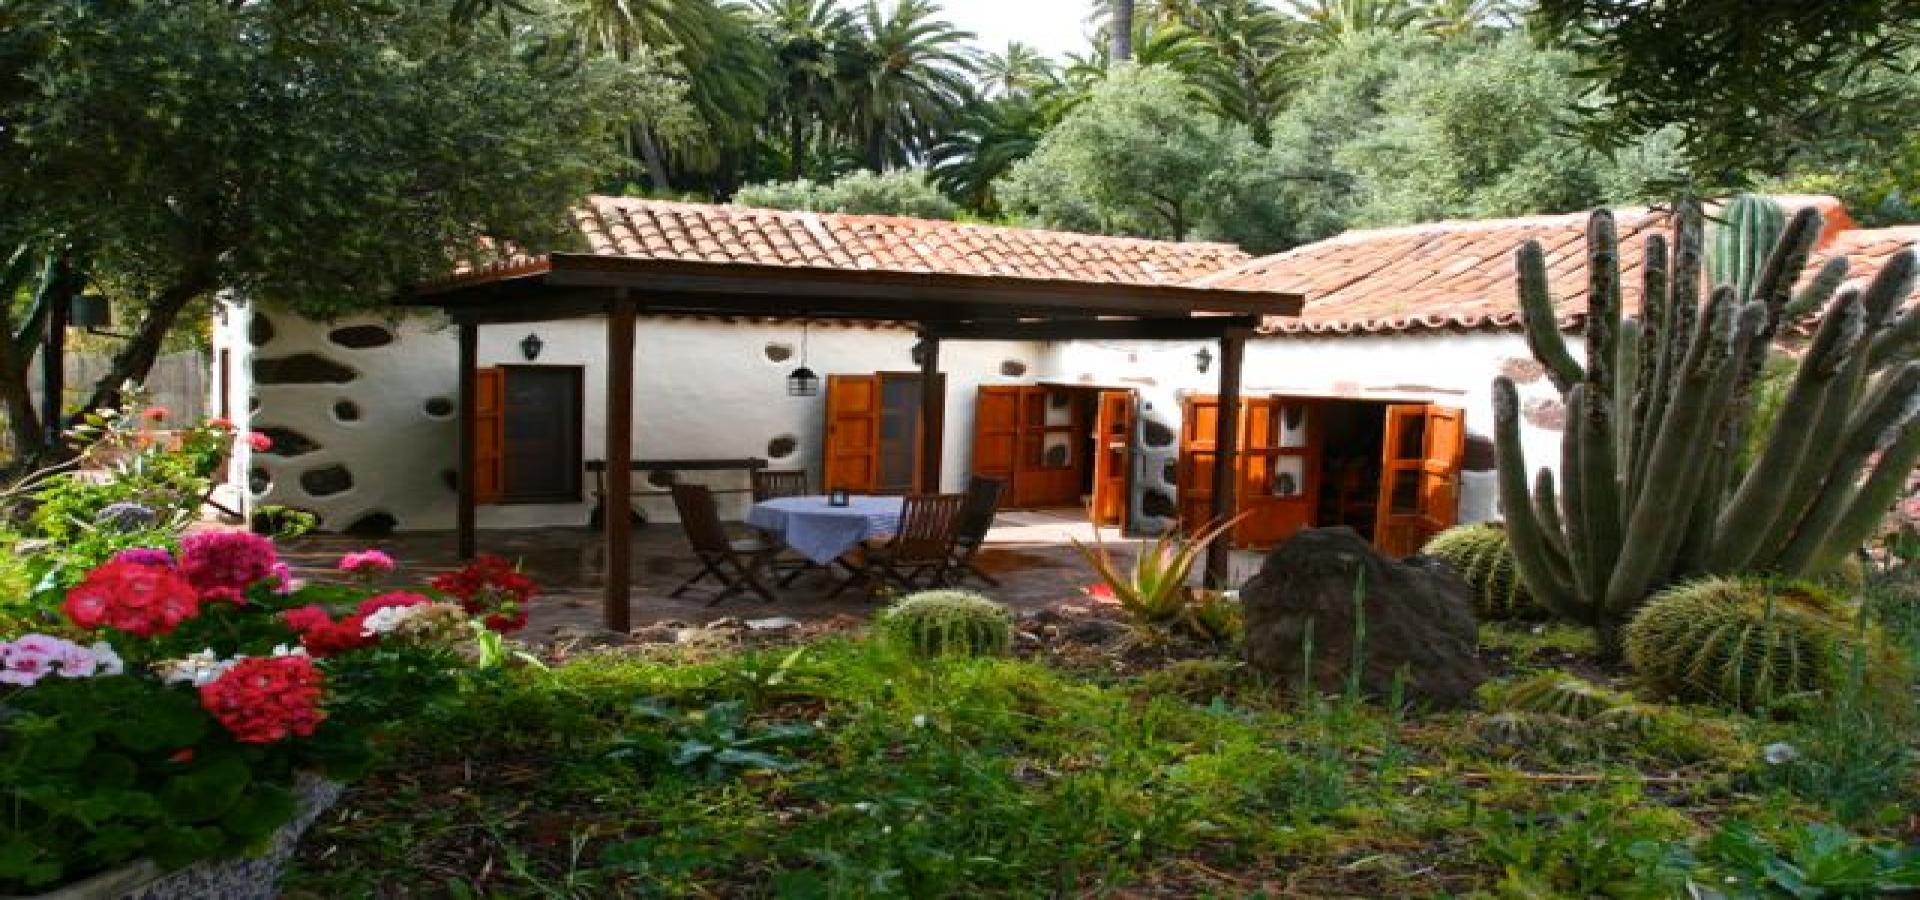 Casa Rural El Palmeral Del Valle Casas Rurales En Gran Canaria